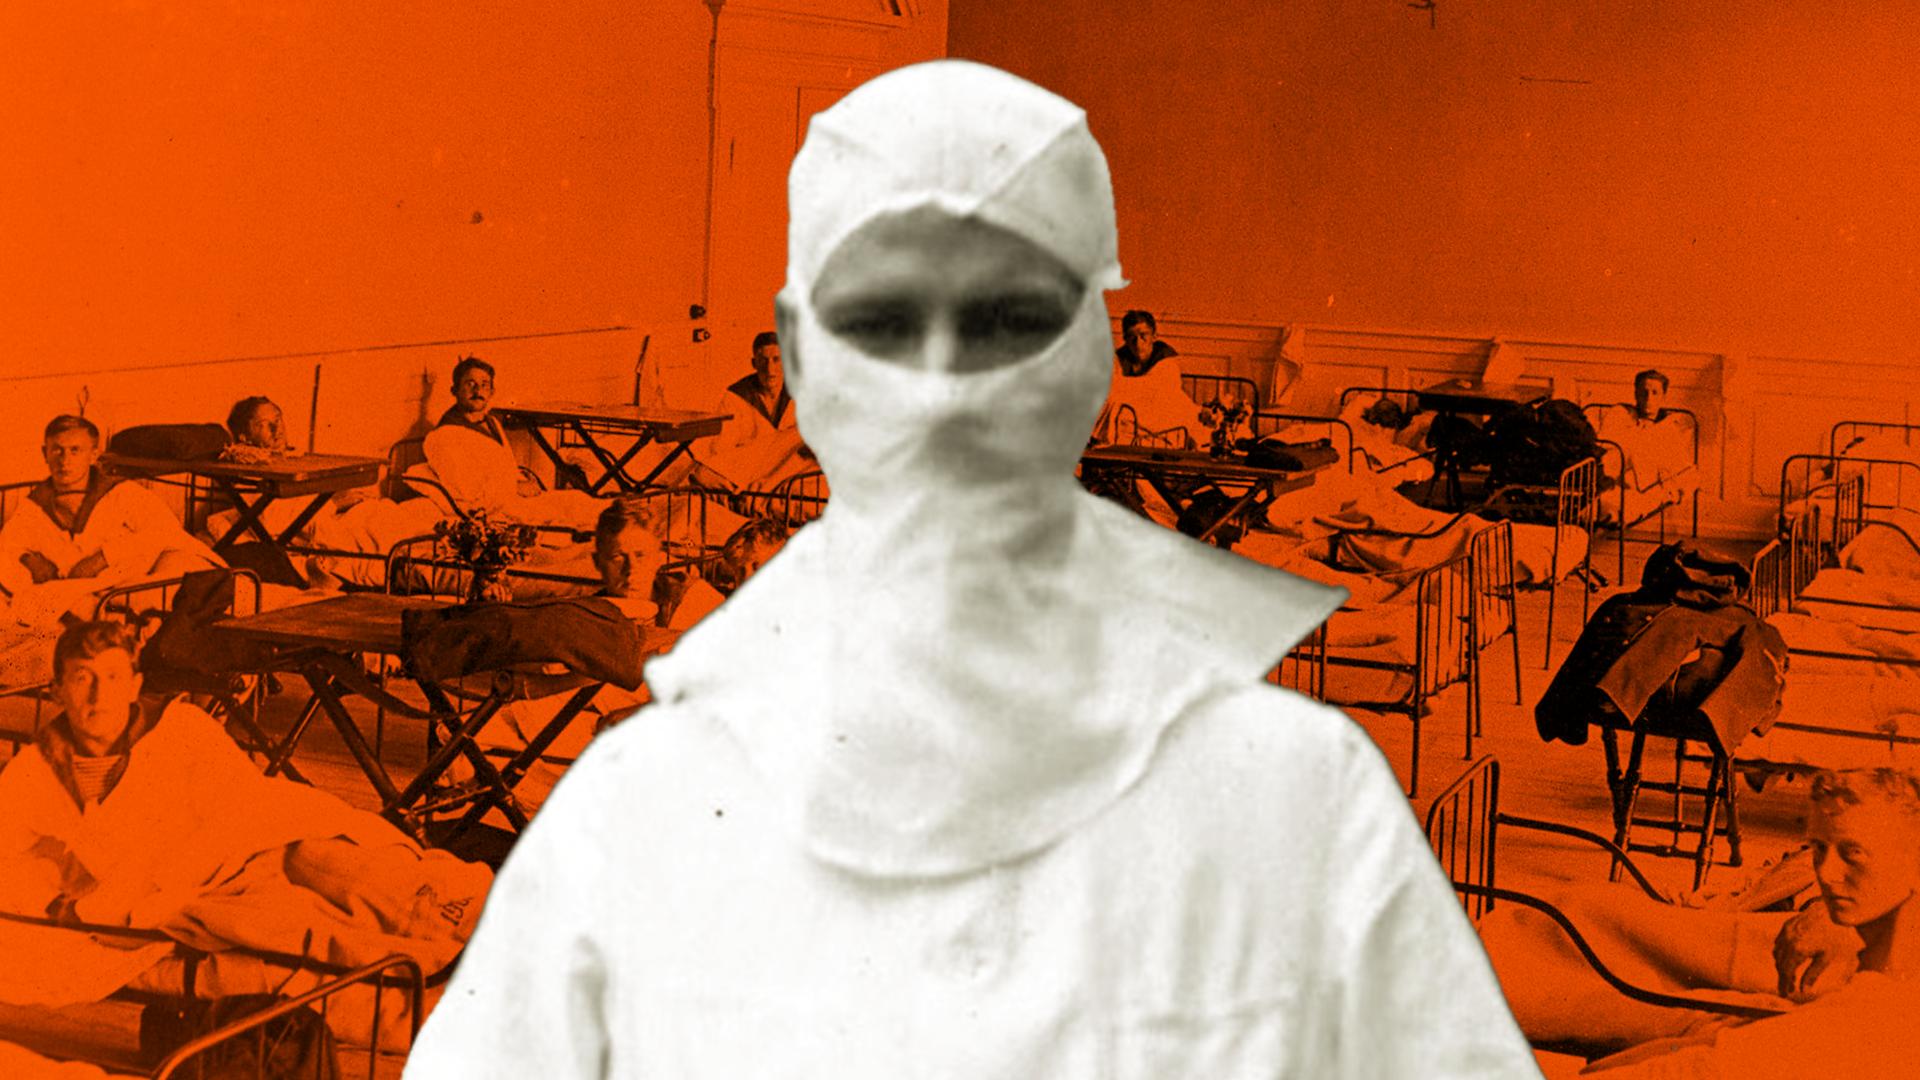 For 100 år siden var Danmark også ramt af pandemi: Mathilde blev kun 35 år